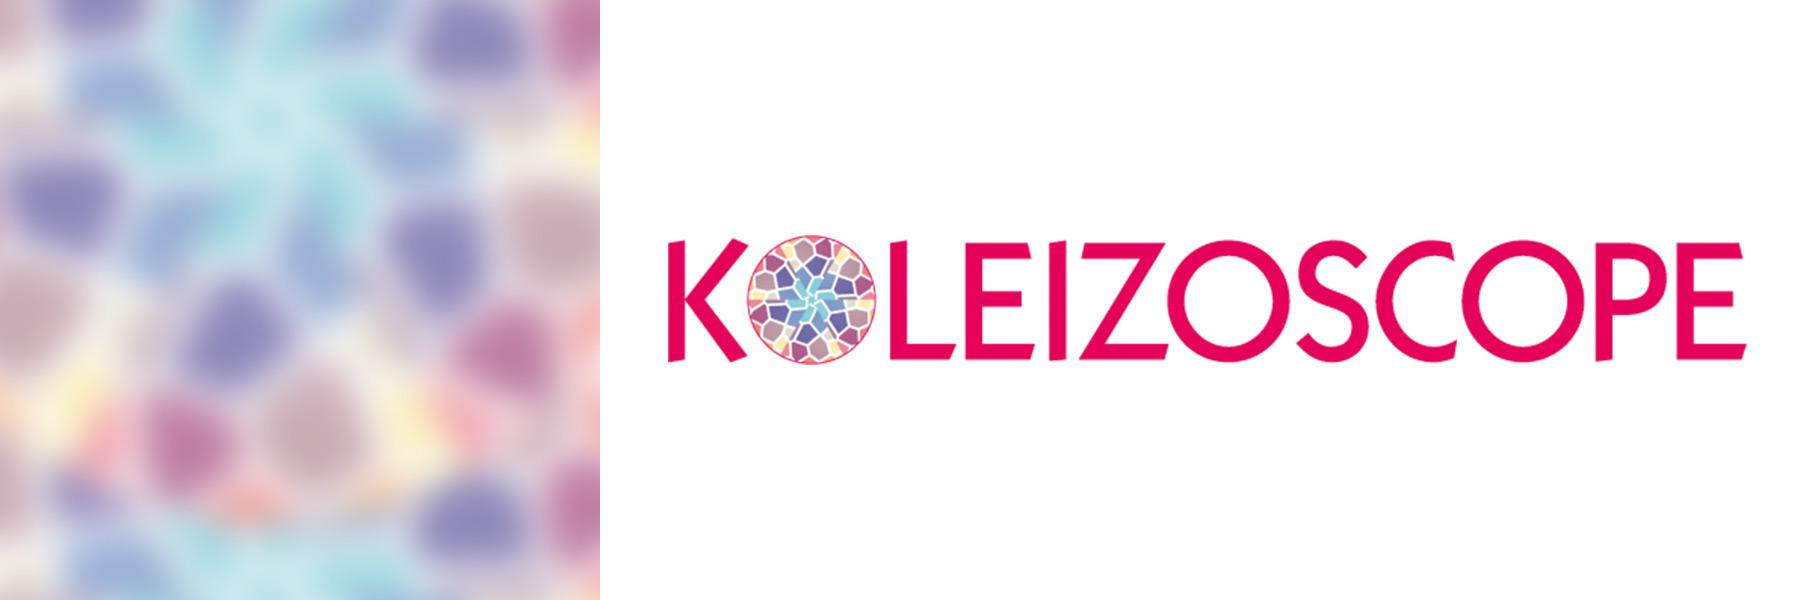 Koleizoscope